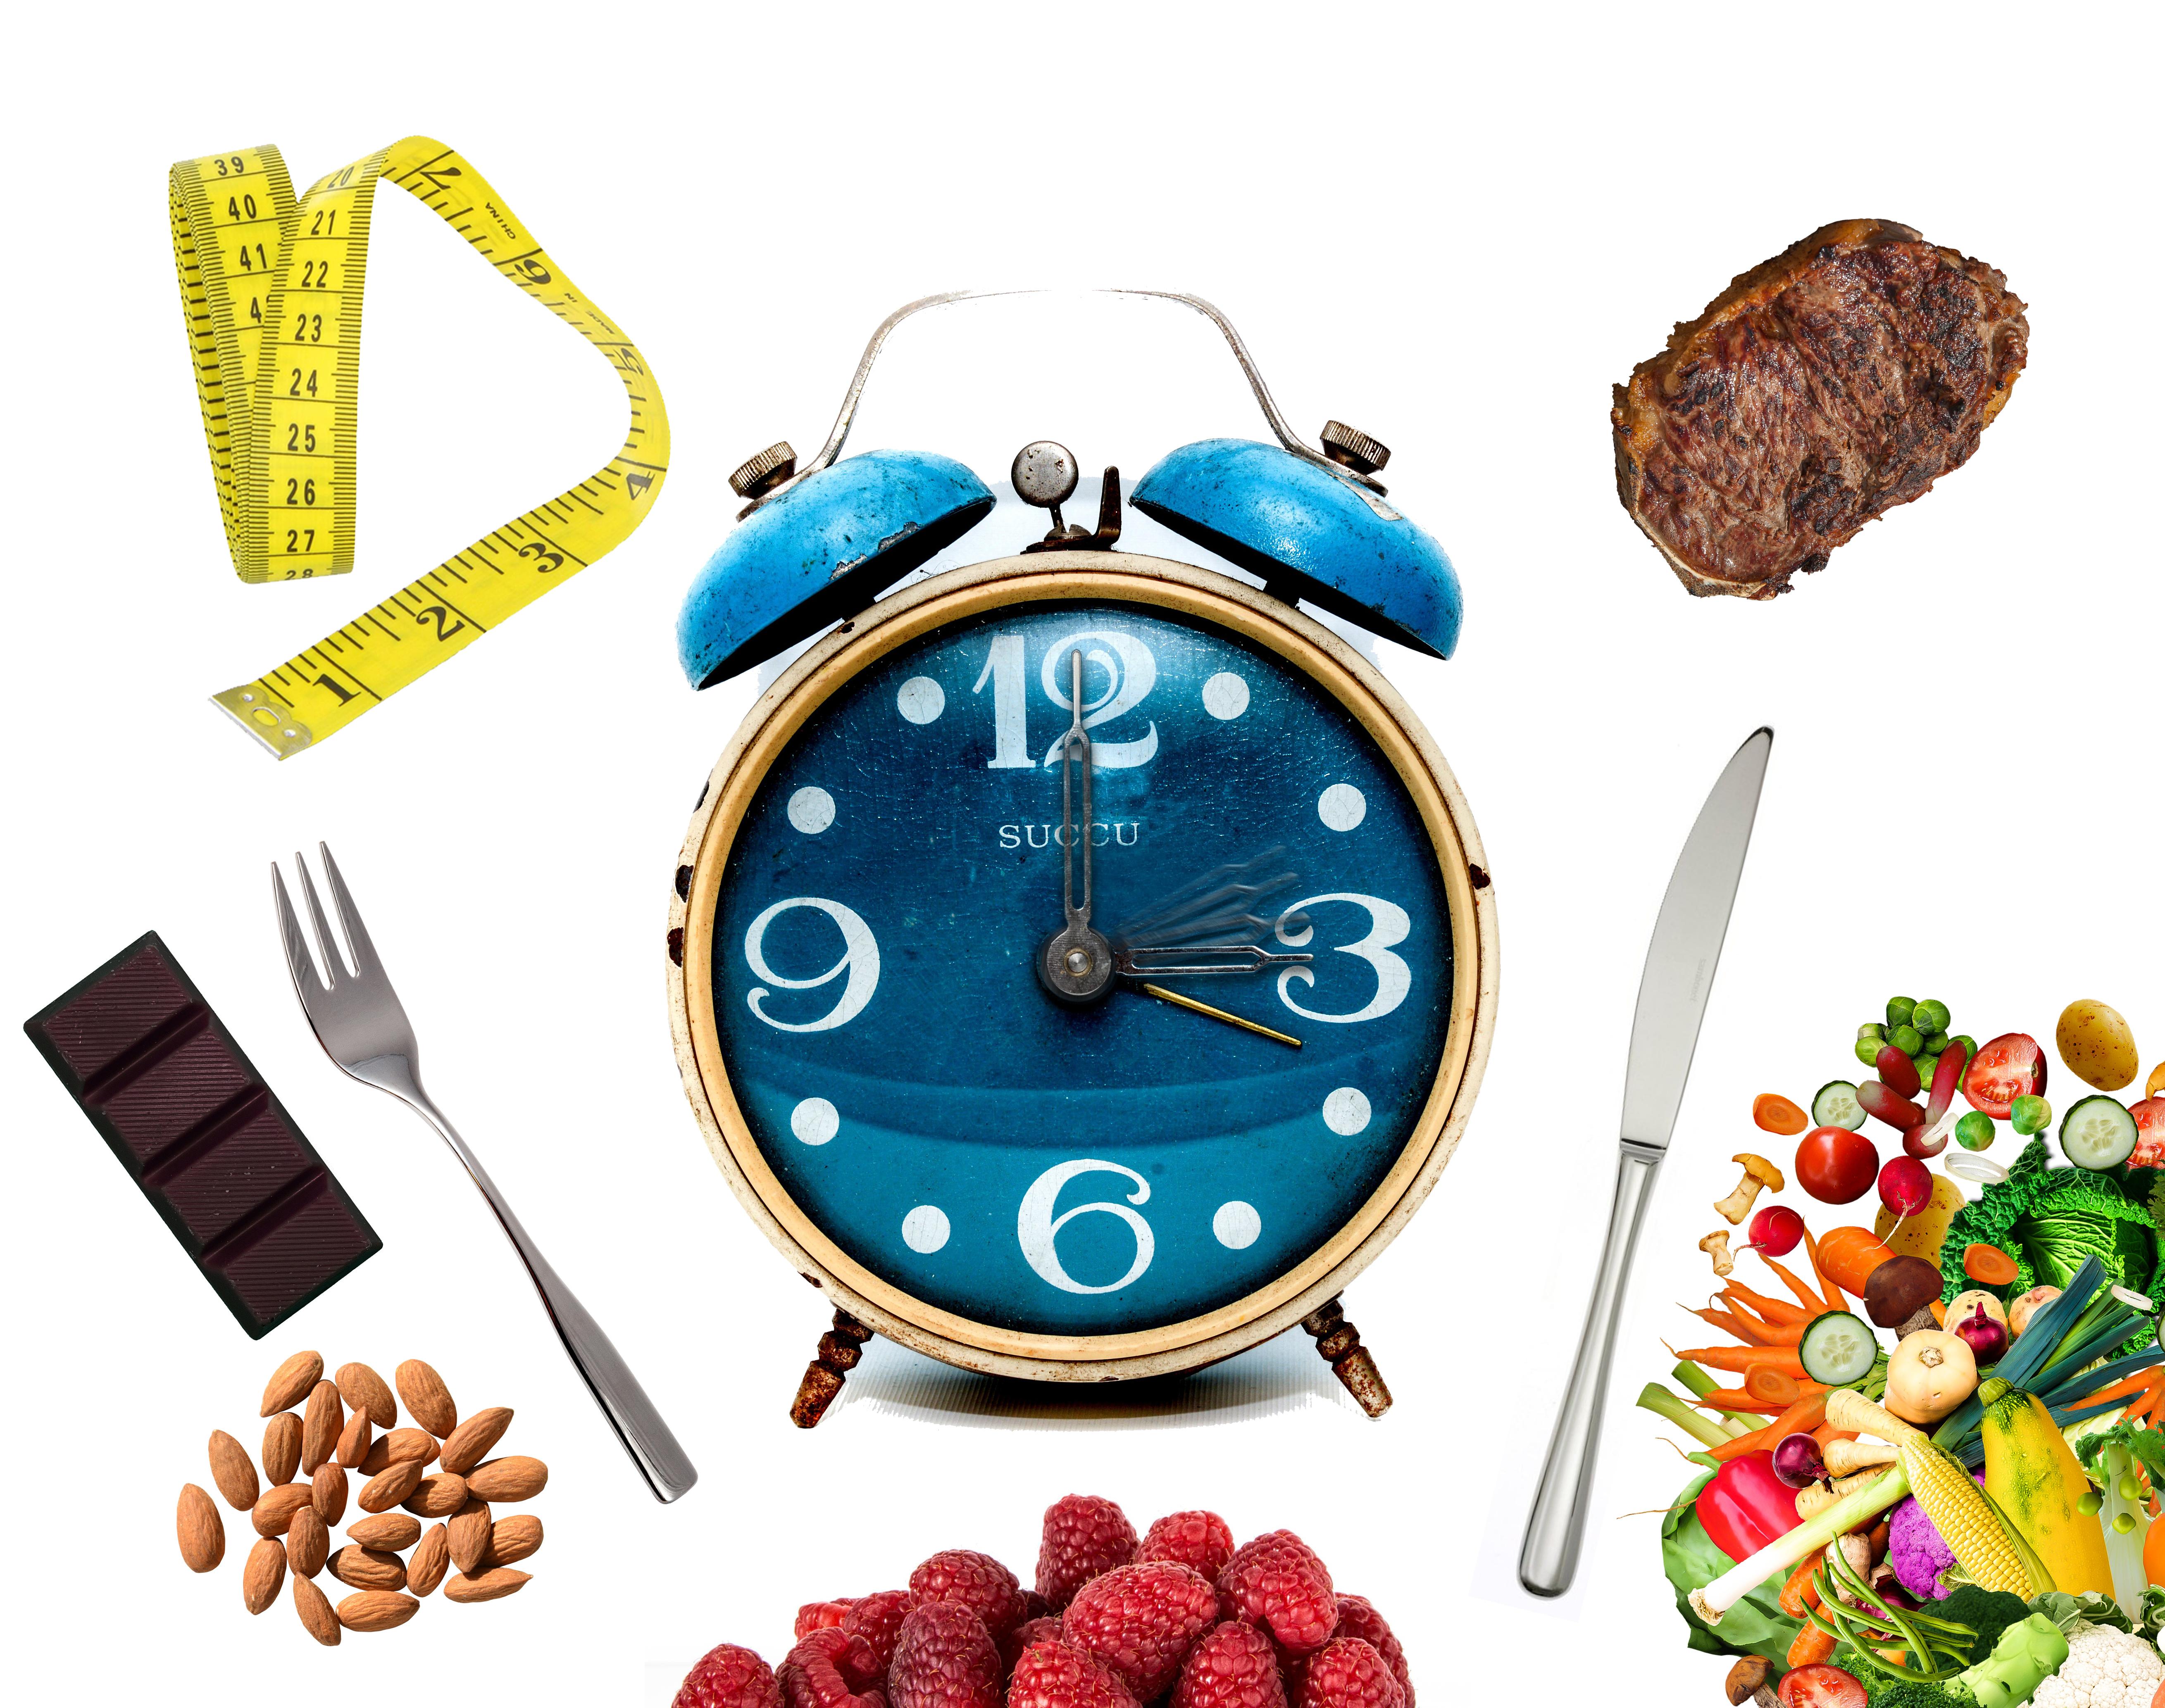 Quand faut-il manger pour bien gérer son poids?